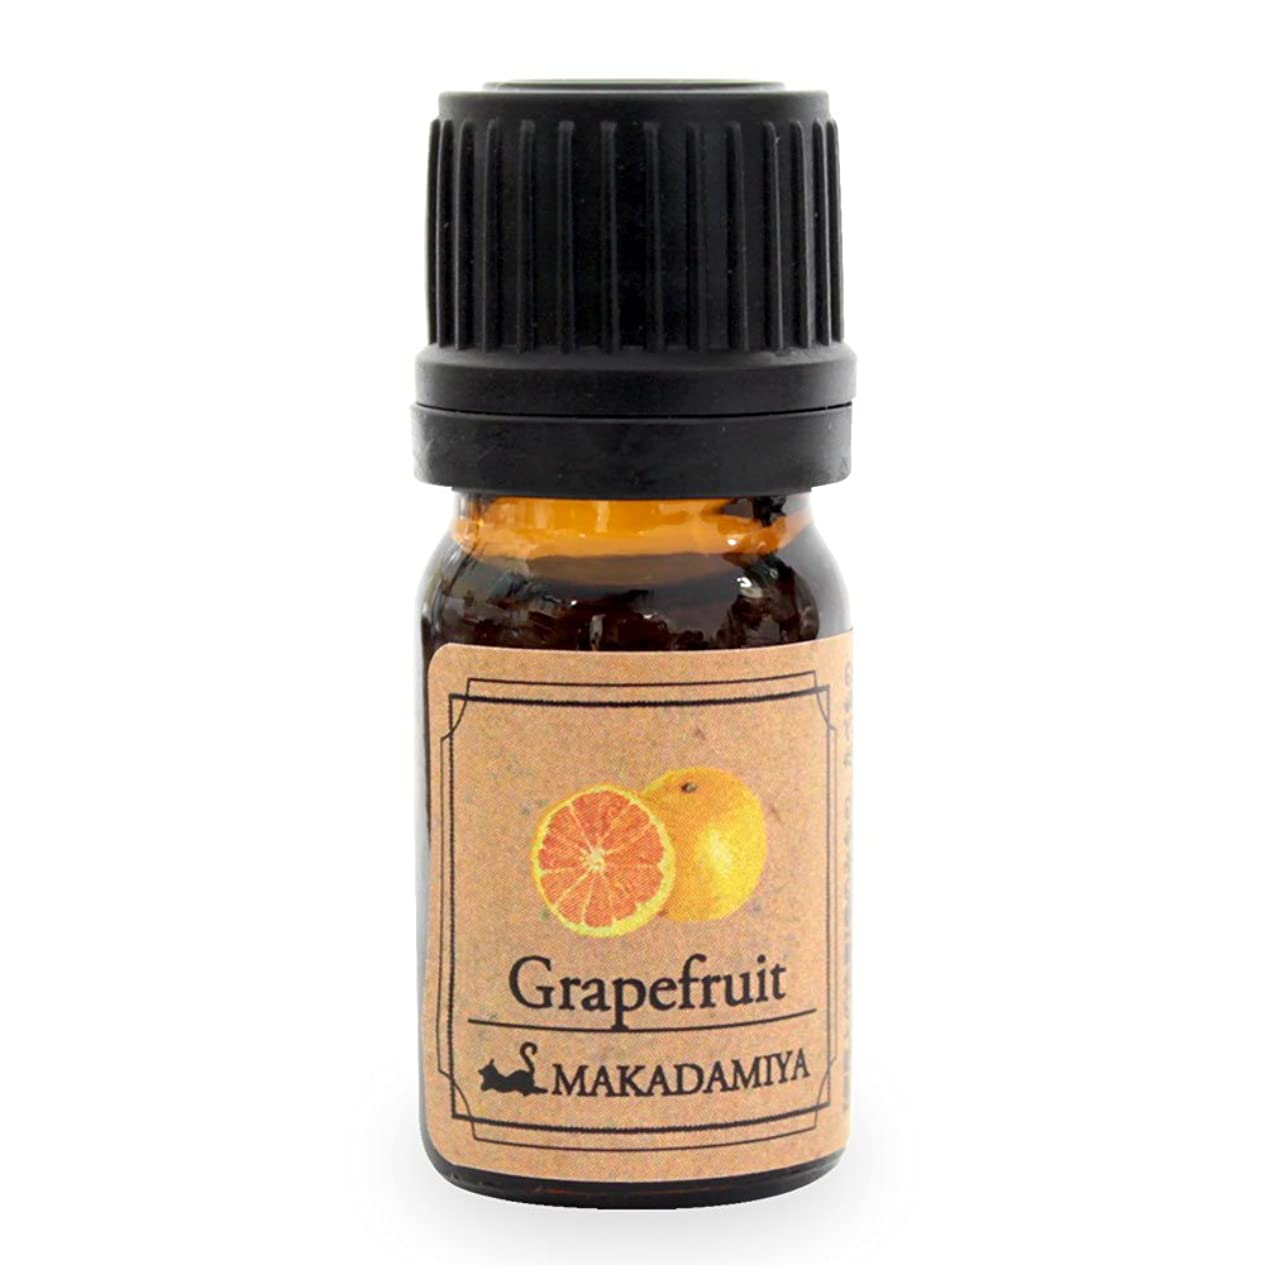 遅れアラブ検閲グレープフルーツ5ml 天然100%植物性 エッセンシャルオイル(精油) アロマオイル アロママッサージ aroma Grapefruit